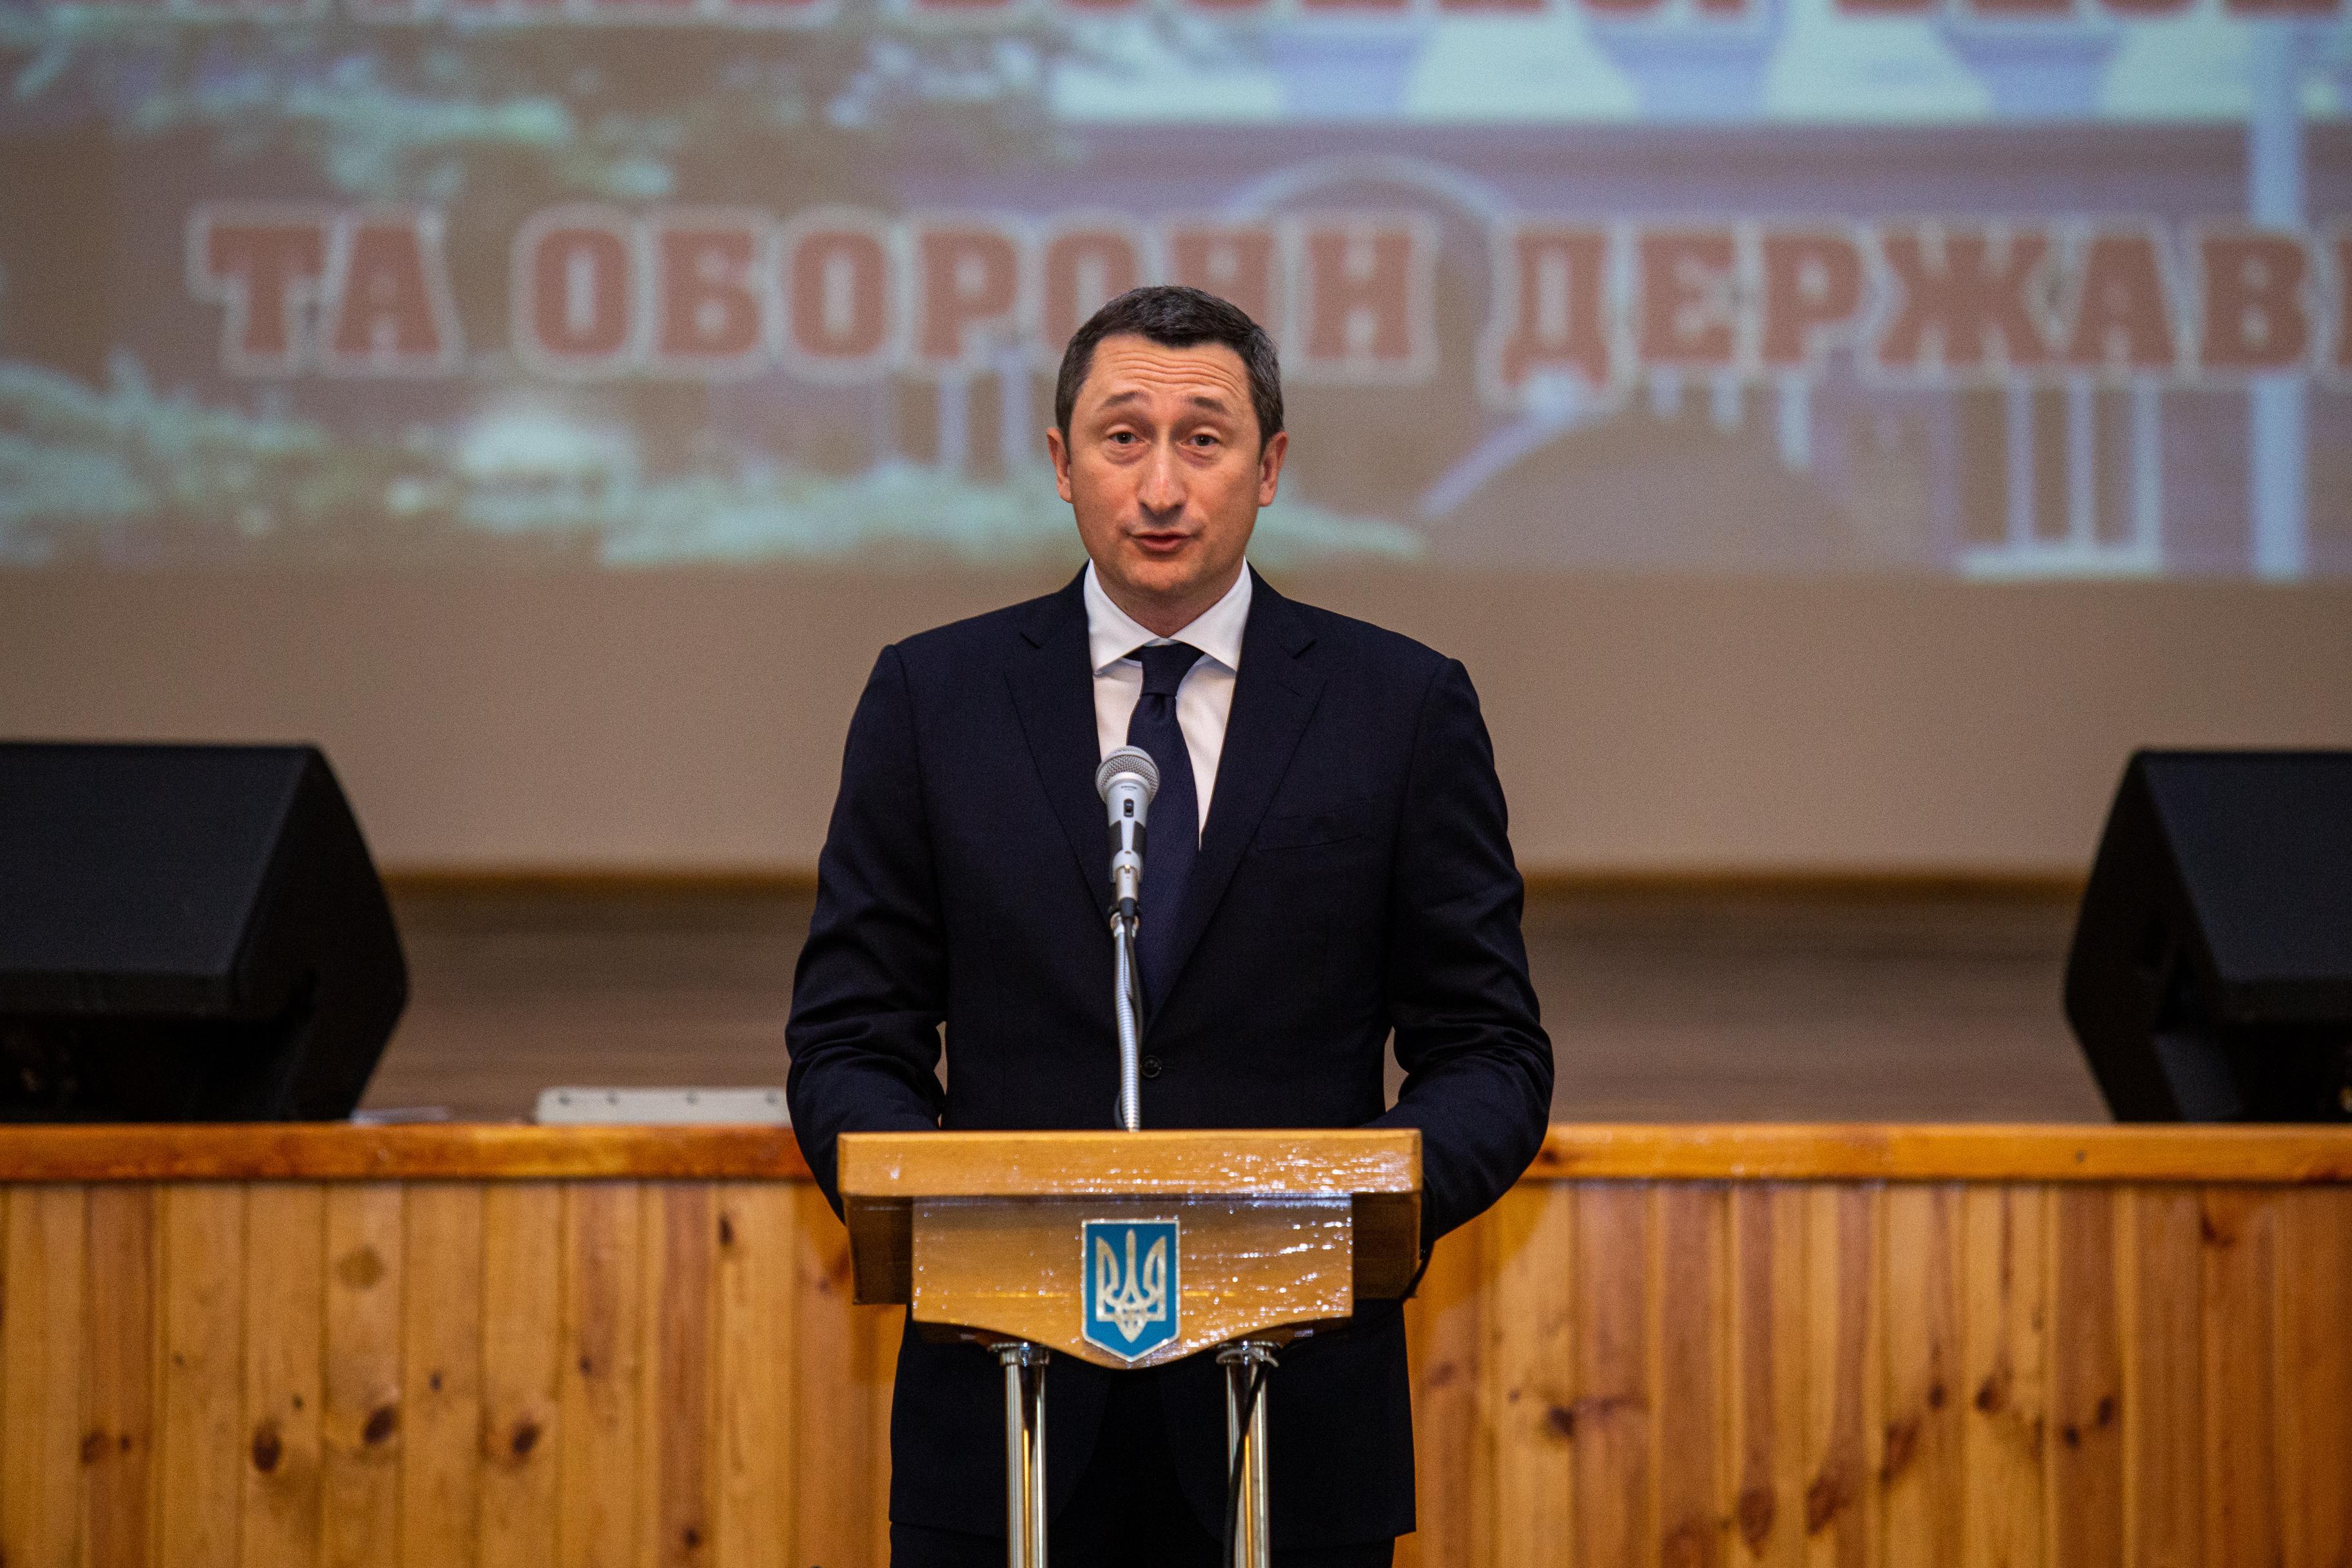 Очільник Закарпатської ОДА Анатолій Полосков успішно завершив курси підвищення кваліфікації з питань воєнної безпеки та оборони держави